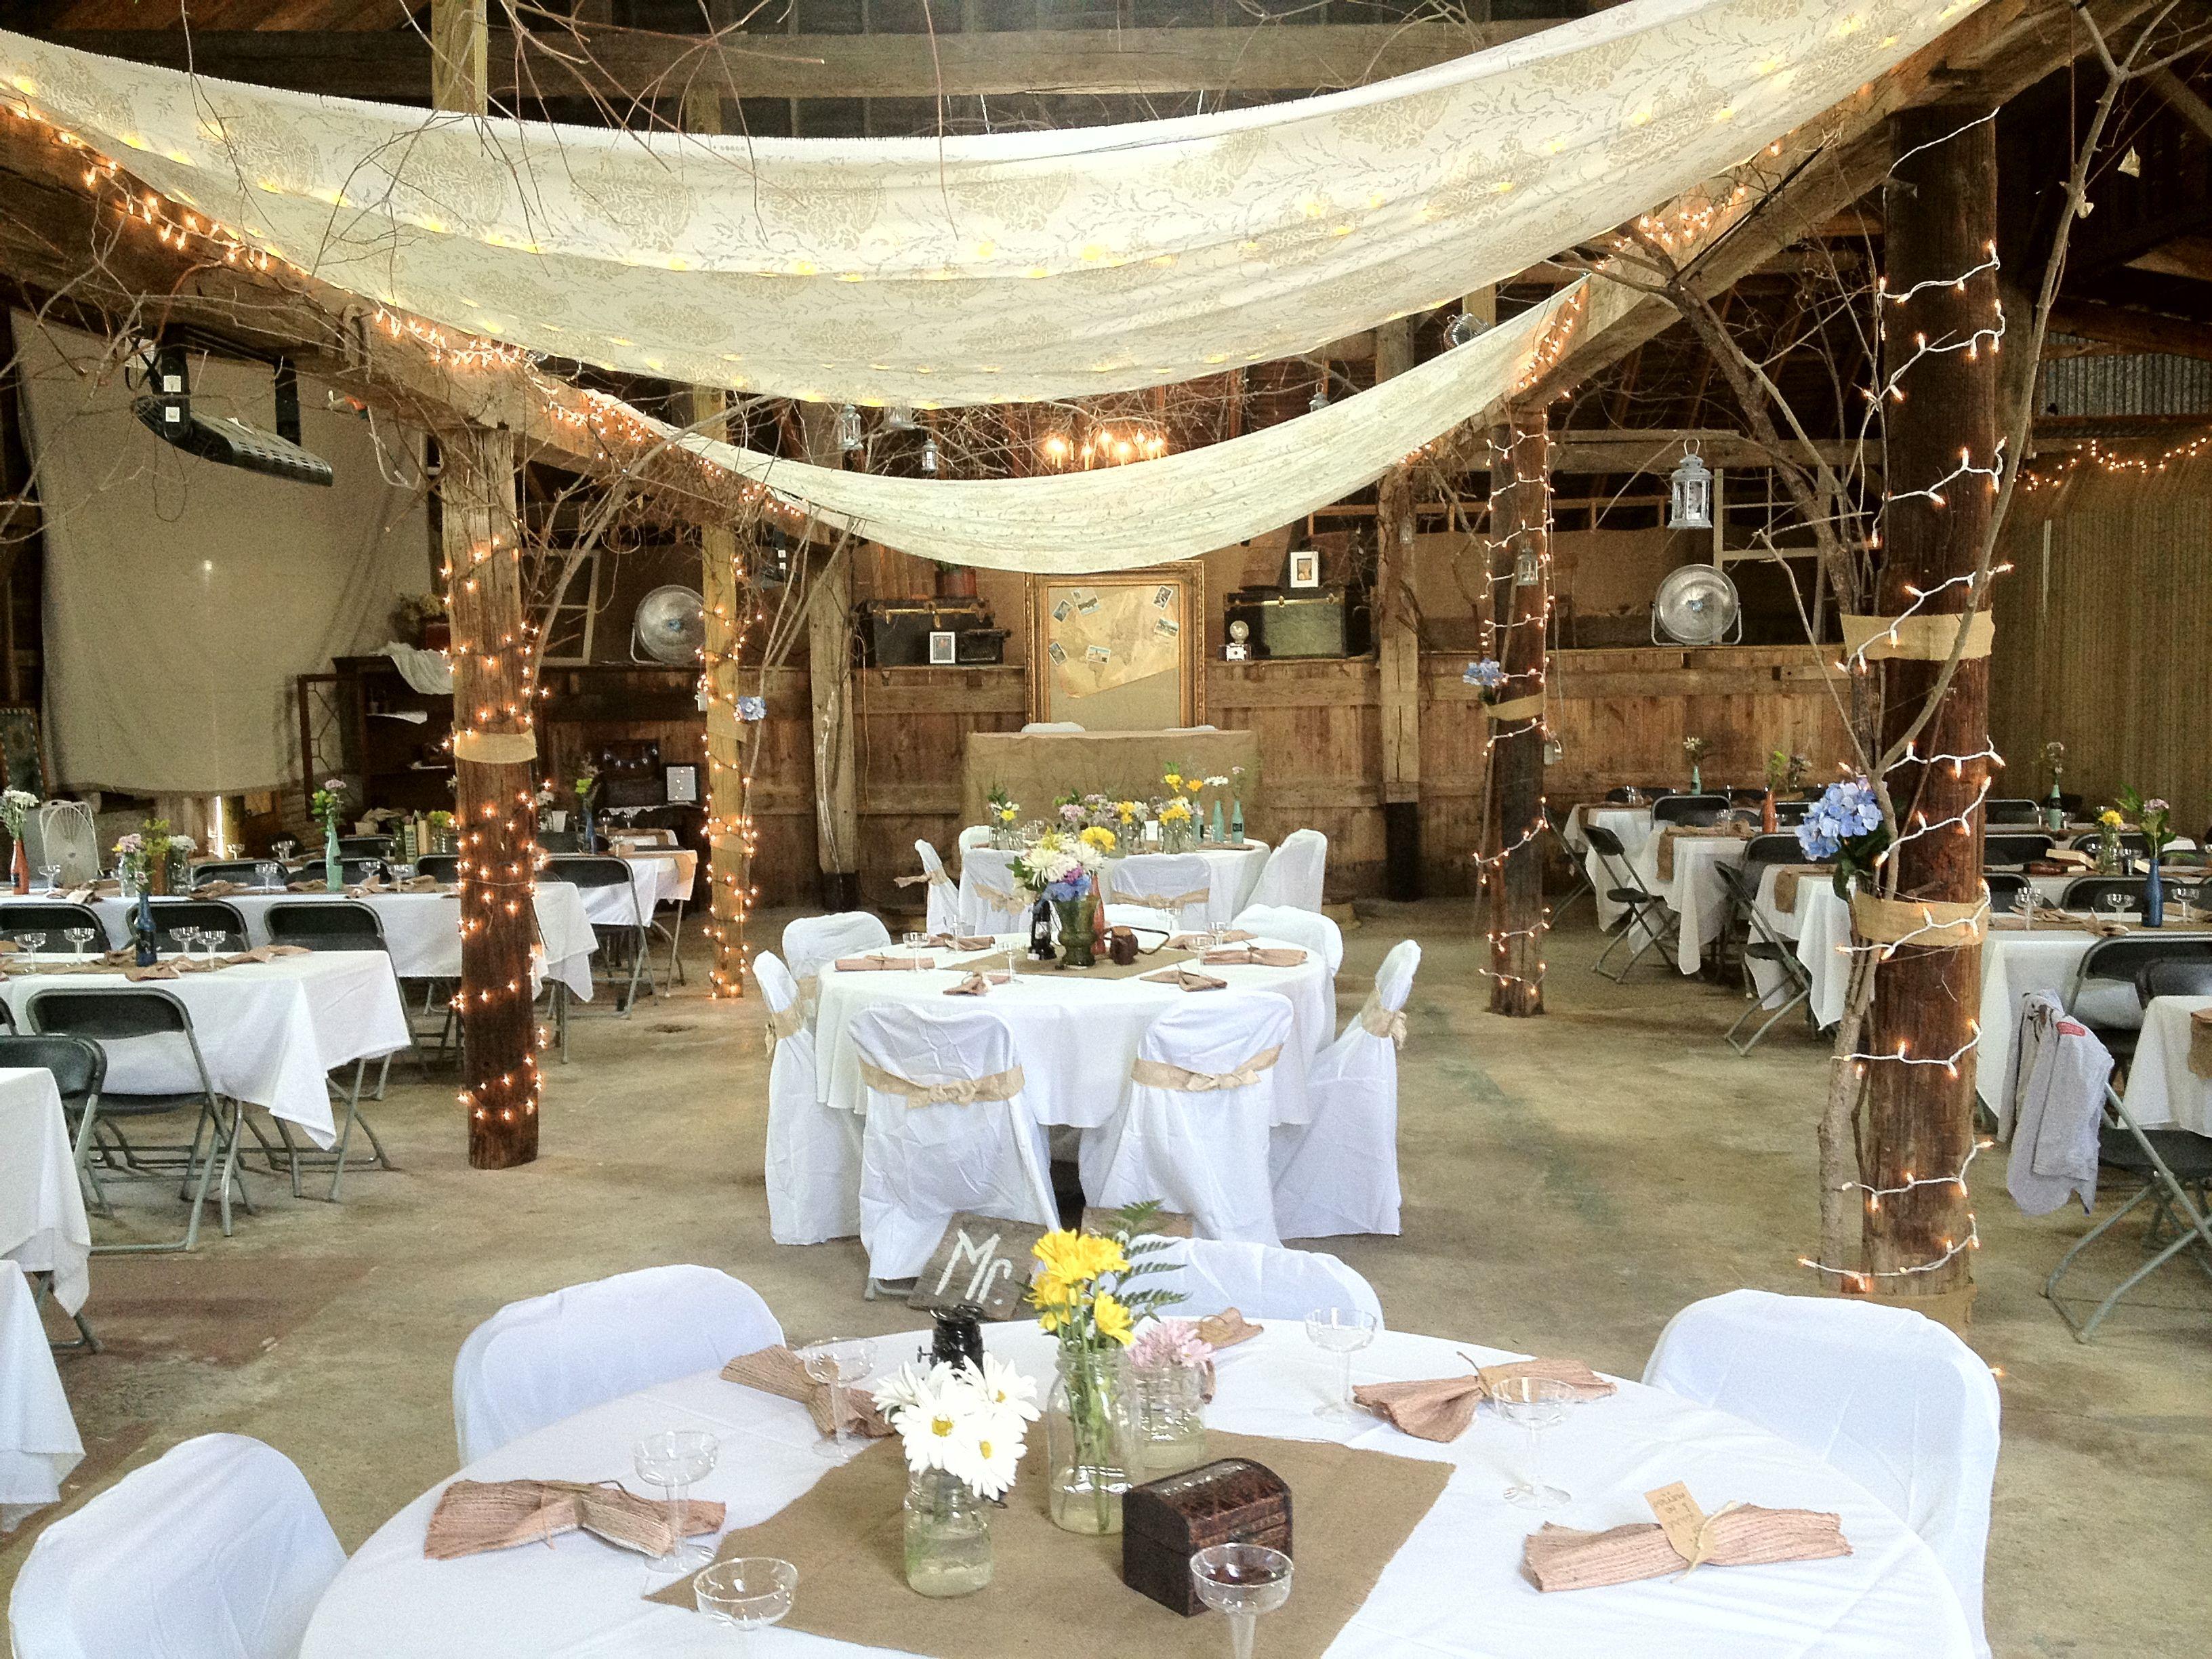 Avon wedding barn wedding venues indiana rustic bride